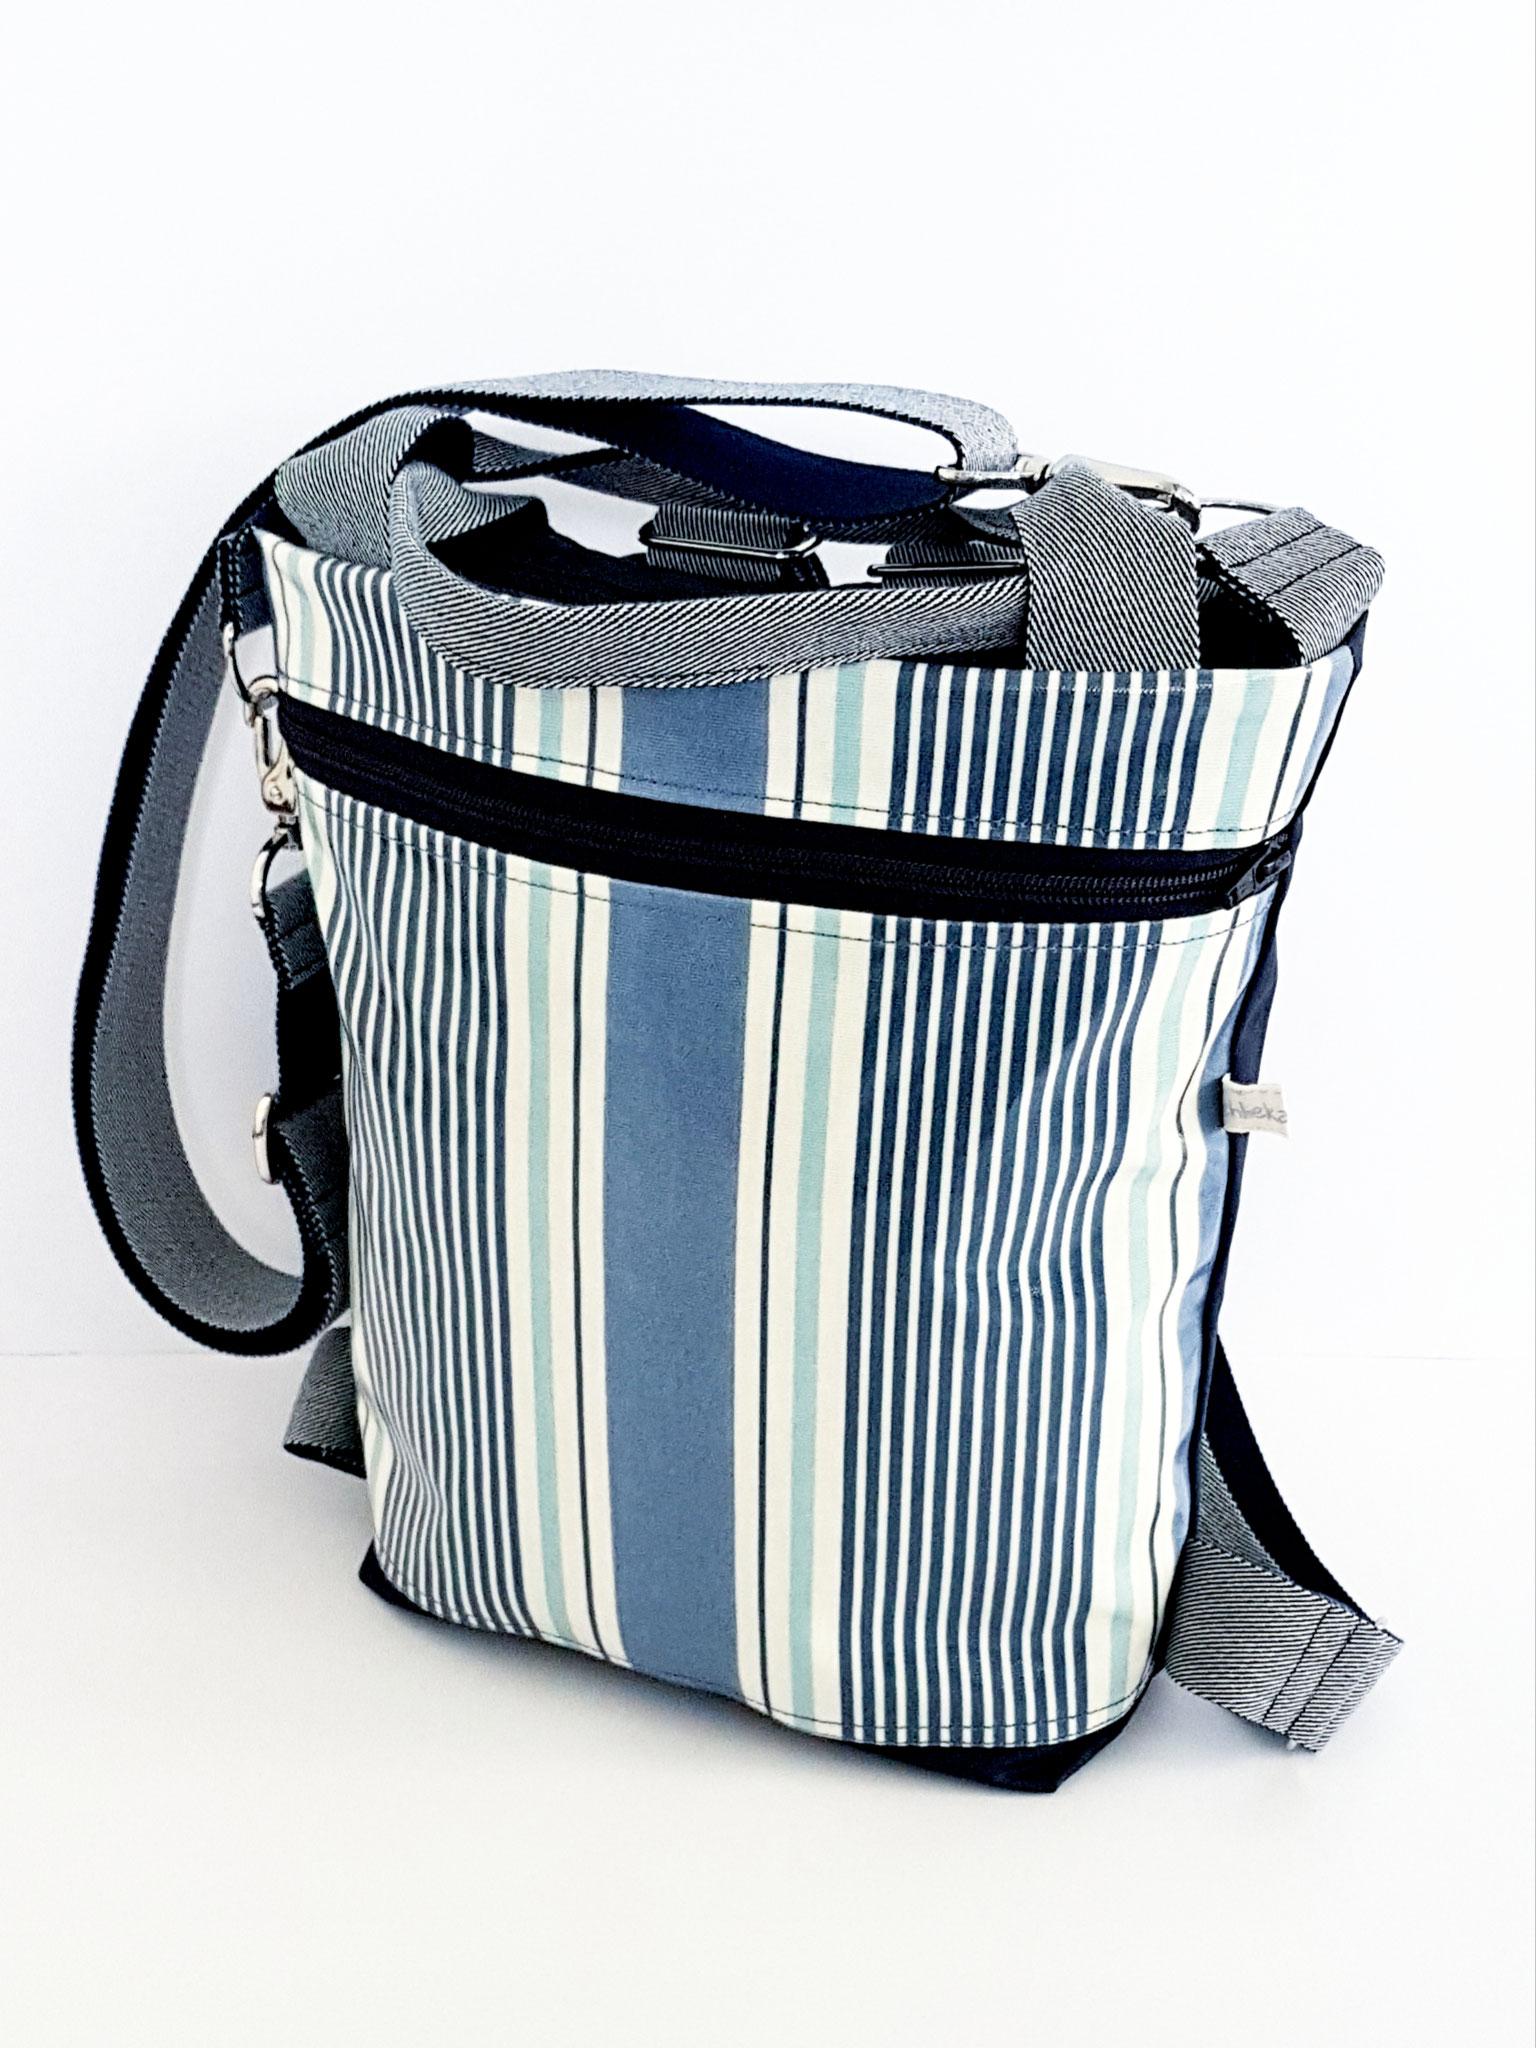 3in1 Bag M, waxed Canvas kombiniert mit Wachstuch, verkauft